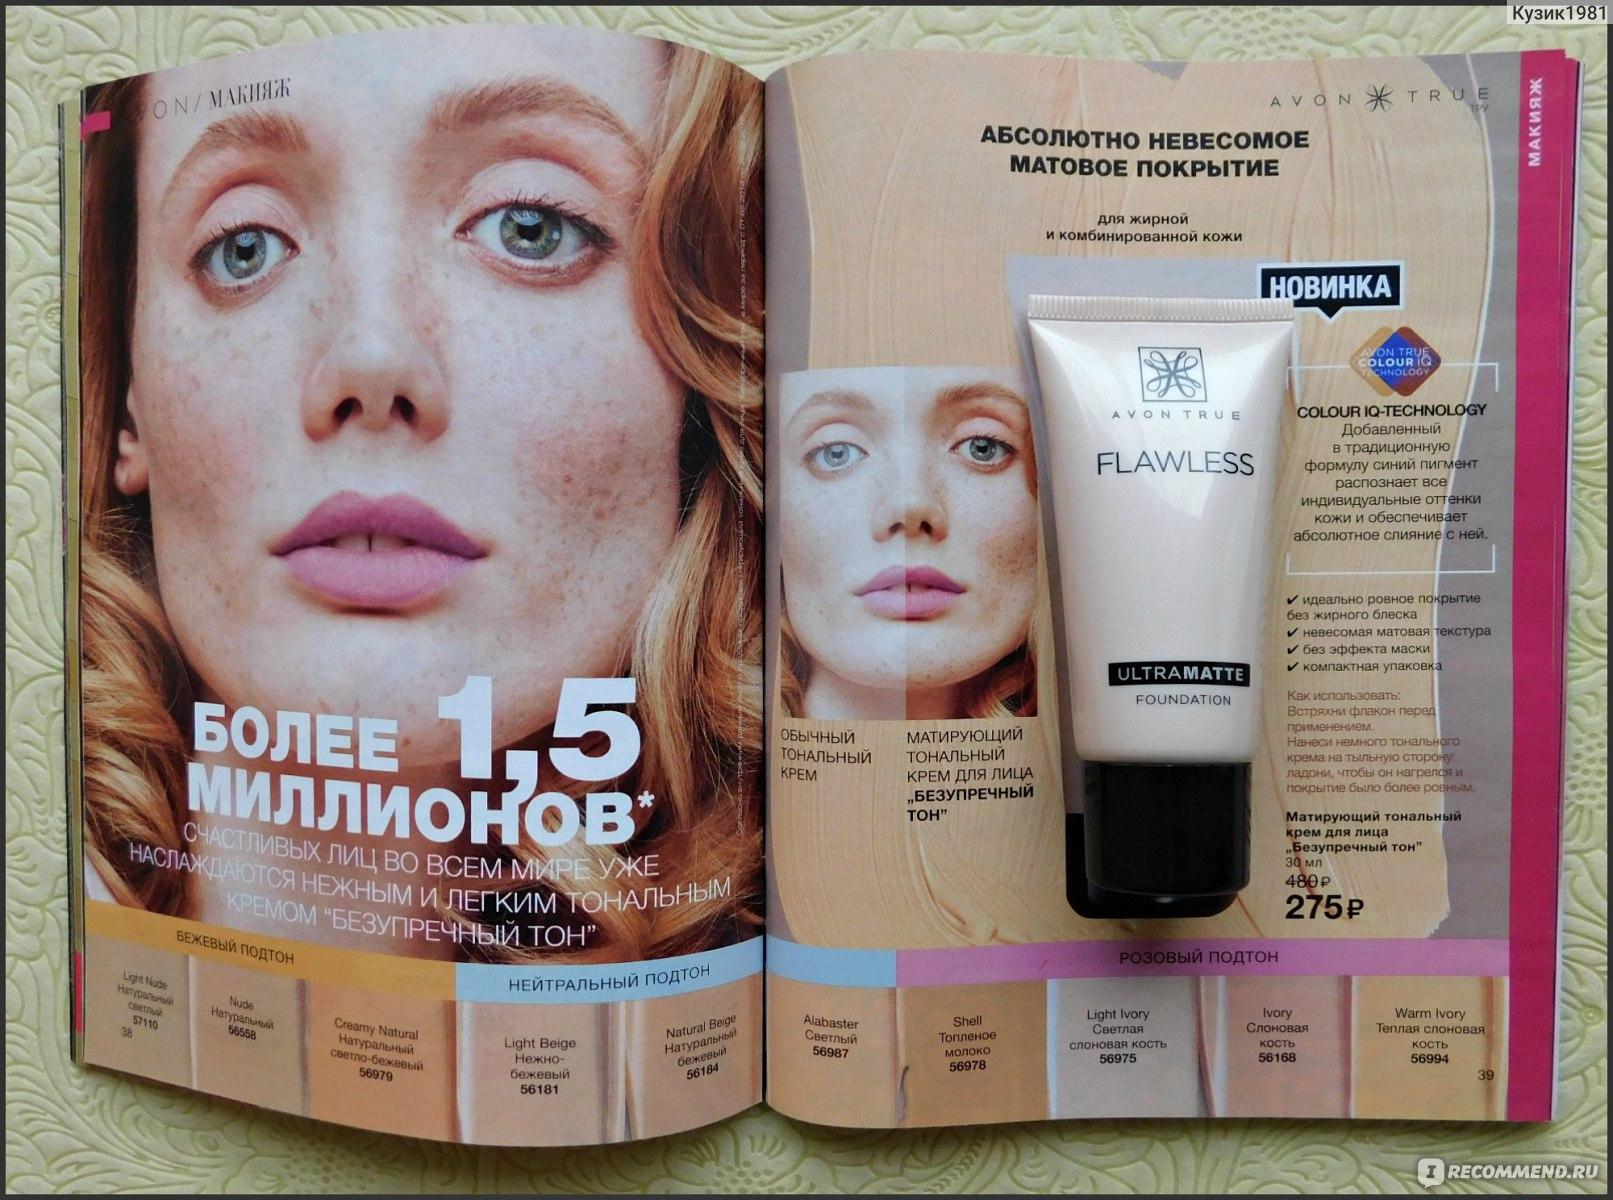 Матирующий тональный крем безупречный тон проф косметика для лица для косметологов купить